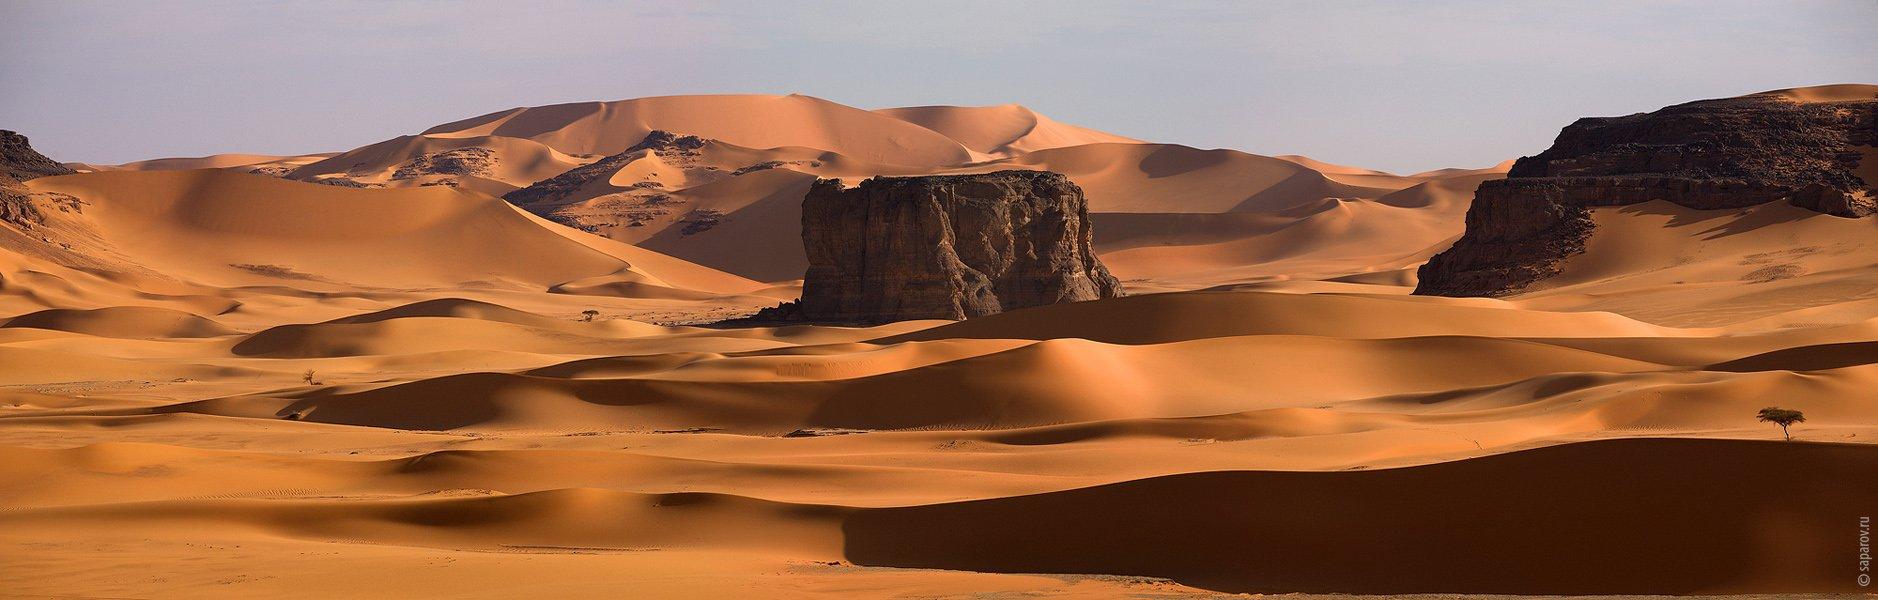 Путешествие по пустыне Сахара ФОТО НОВОСТИ Путешествие по пустыне Сахара